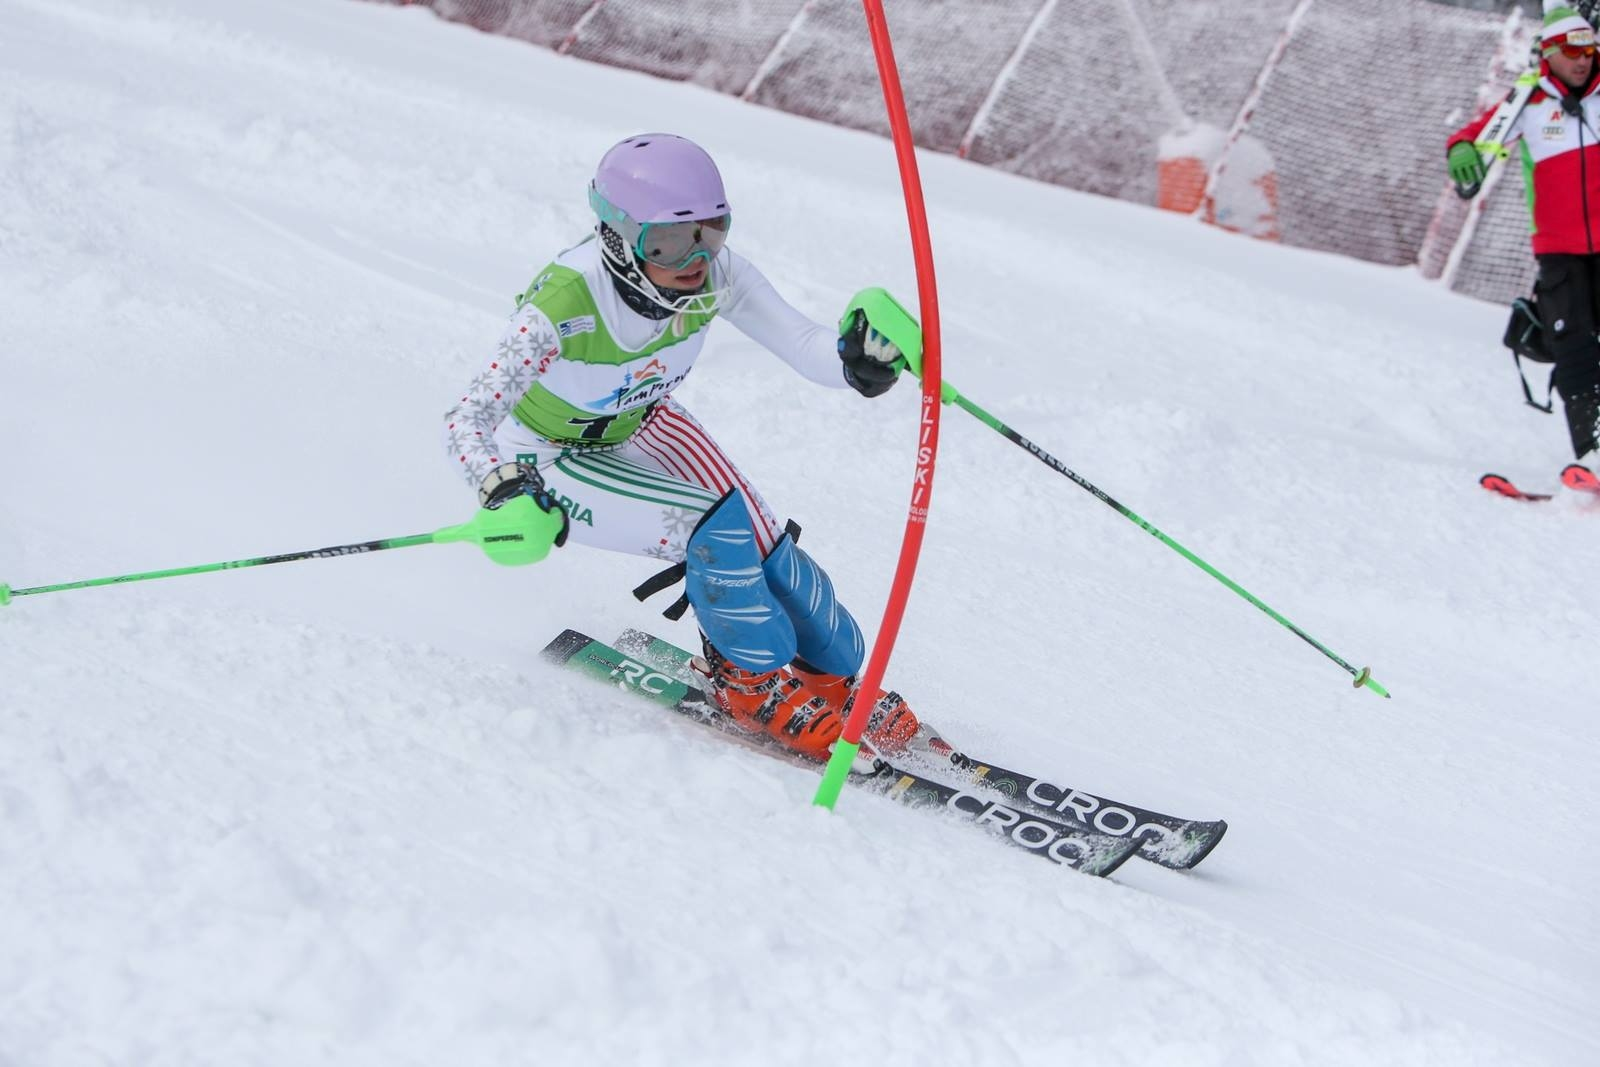 Българката Симона Скробанска постигна втора победа в състезанията по ски-алпийски